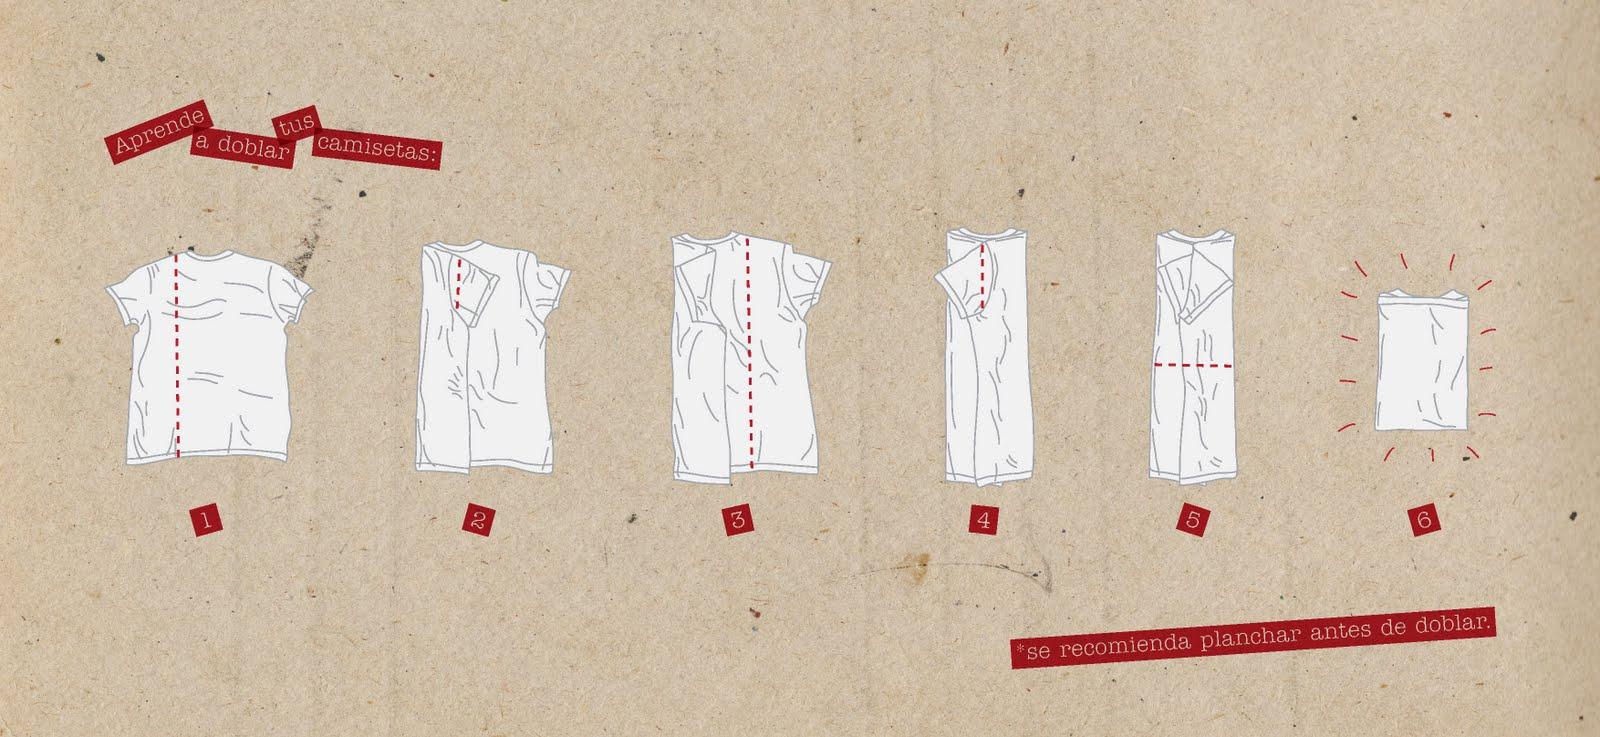 Te mejoro la vida con este post 3 taringa - Como doblar una camisa ...